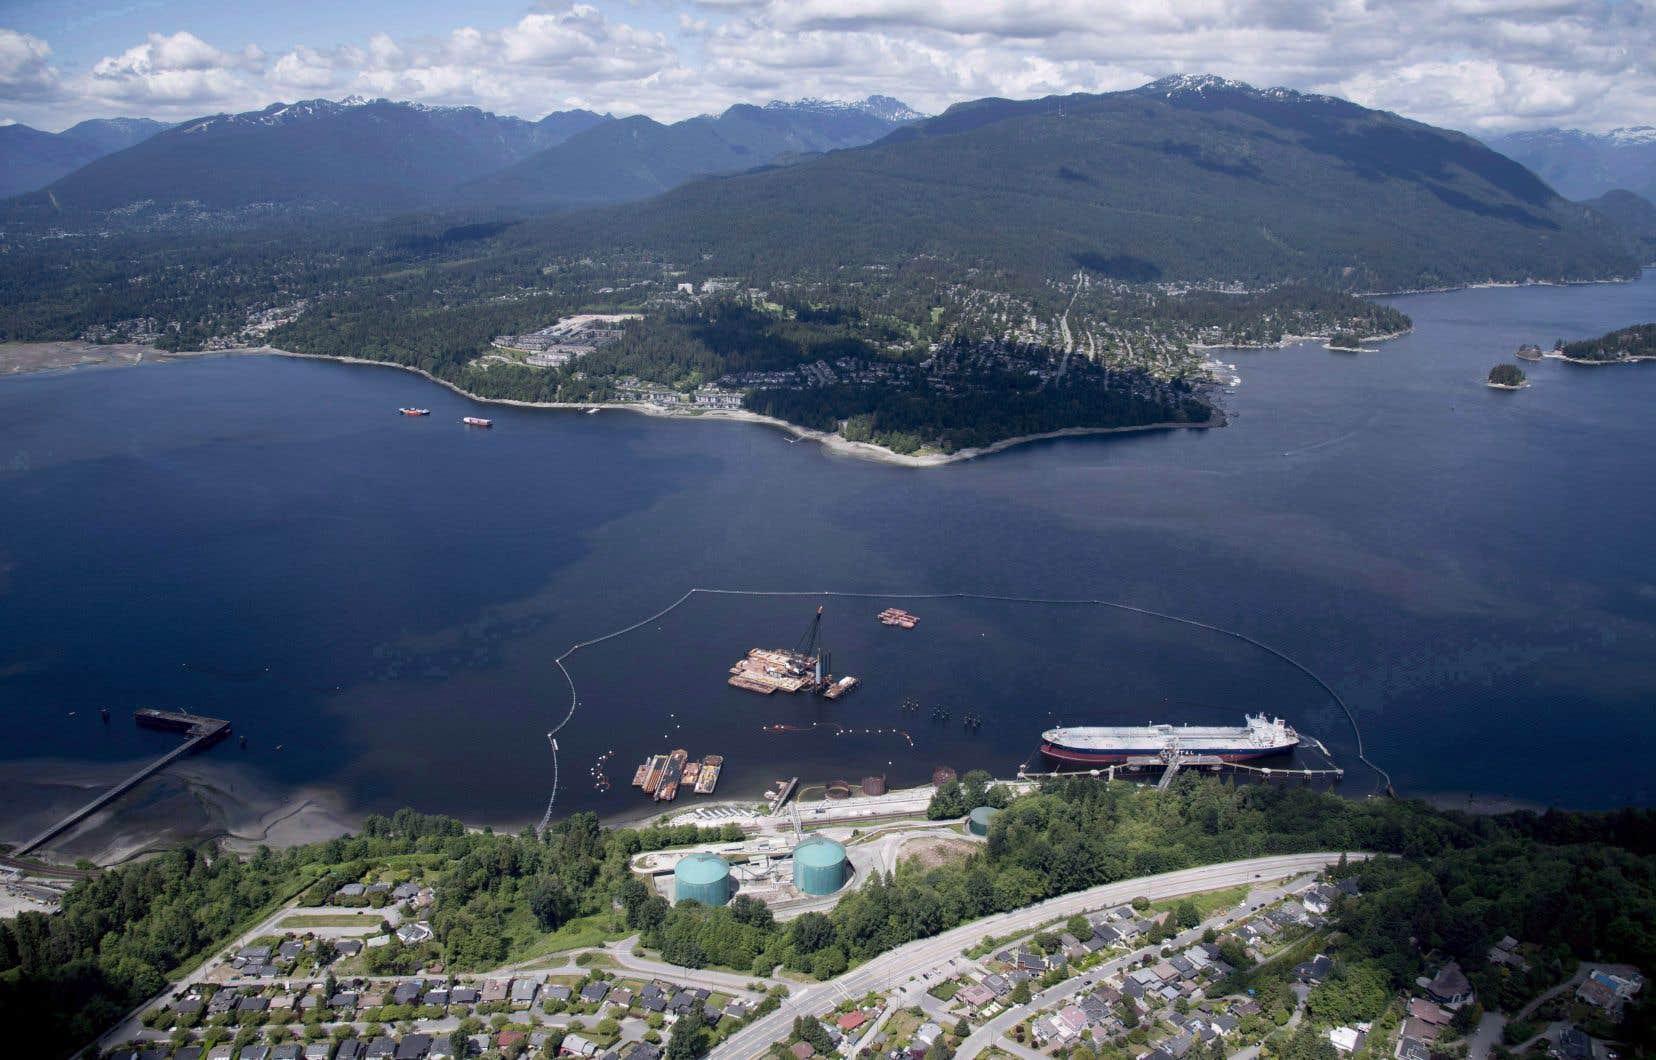 Vue aérienne du terminal de l'oléoduc Trans Mountain, en Colombie-Britannique. Des groupes autochtones accusent Ottawa d'avoir ignoré certains enjeux importants dans ses consultations pour le projet.